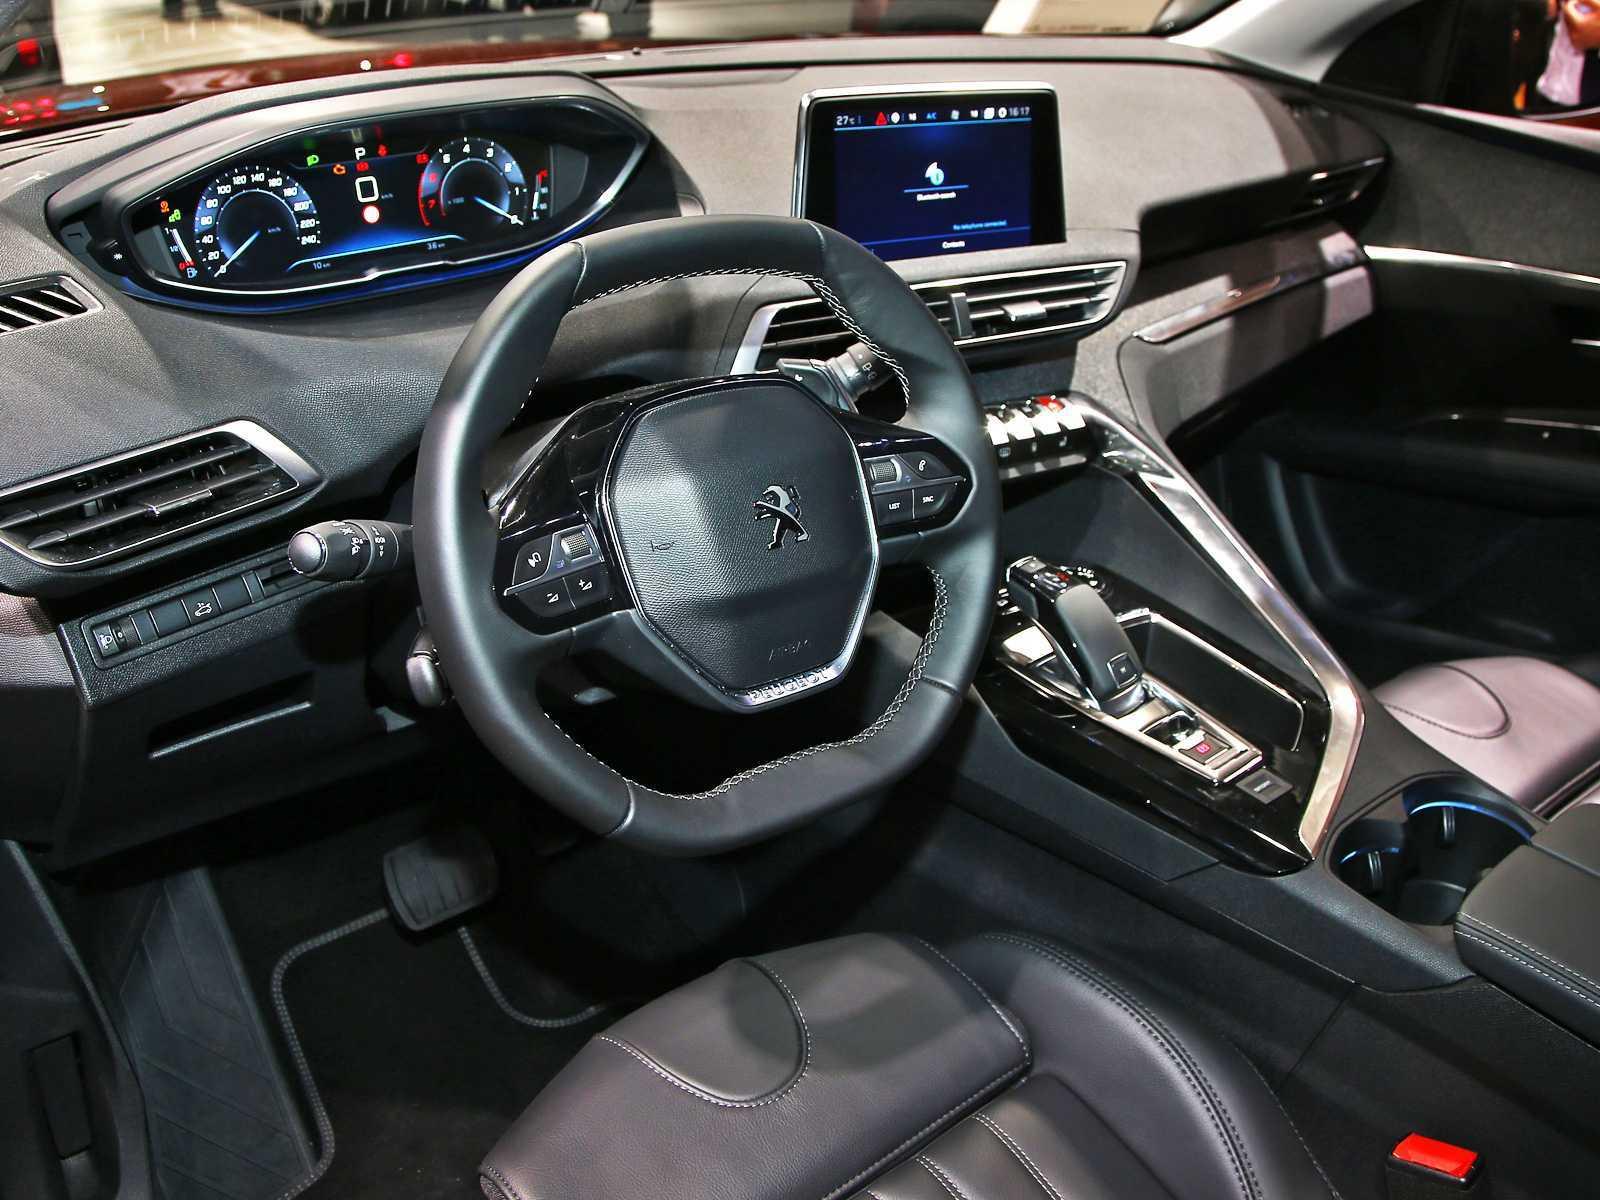 Toyota Rav4 Se >> Peugeot 3008 - Foto 43 de 53 - 1600 x 1200 pixels - AUTOO